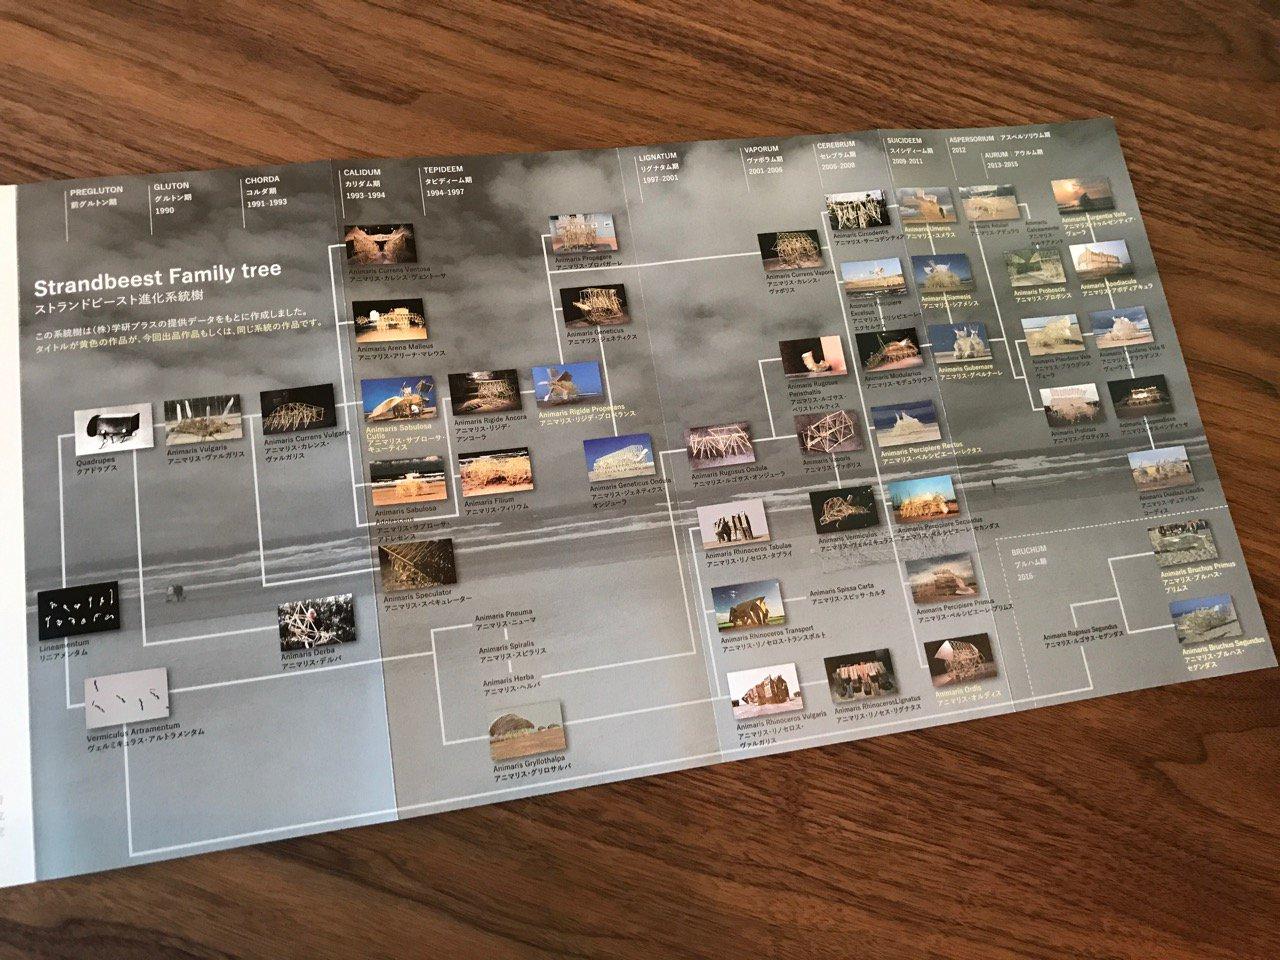 Strandbeest Family tree ストランドビースト進化系統樹 https://t.co/ArIQ0jnttf